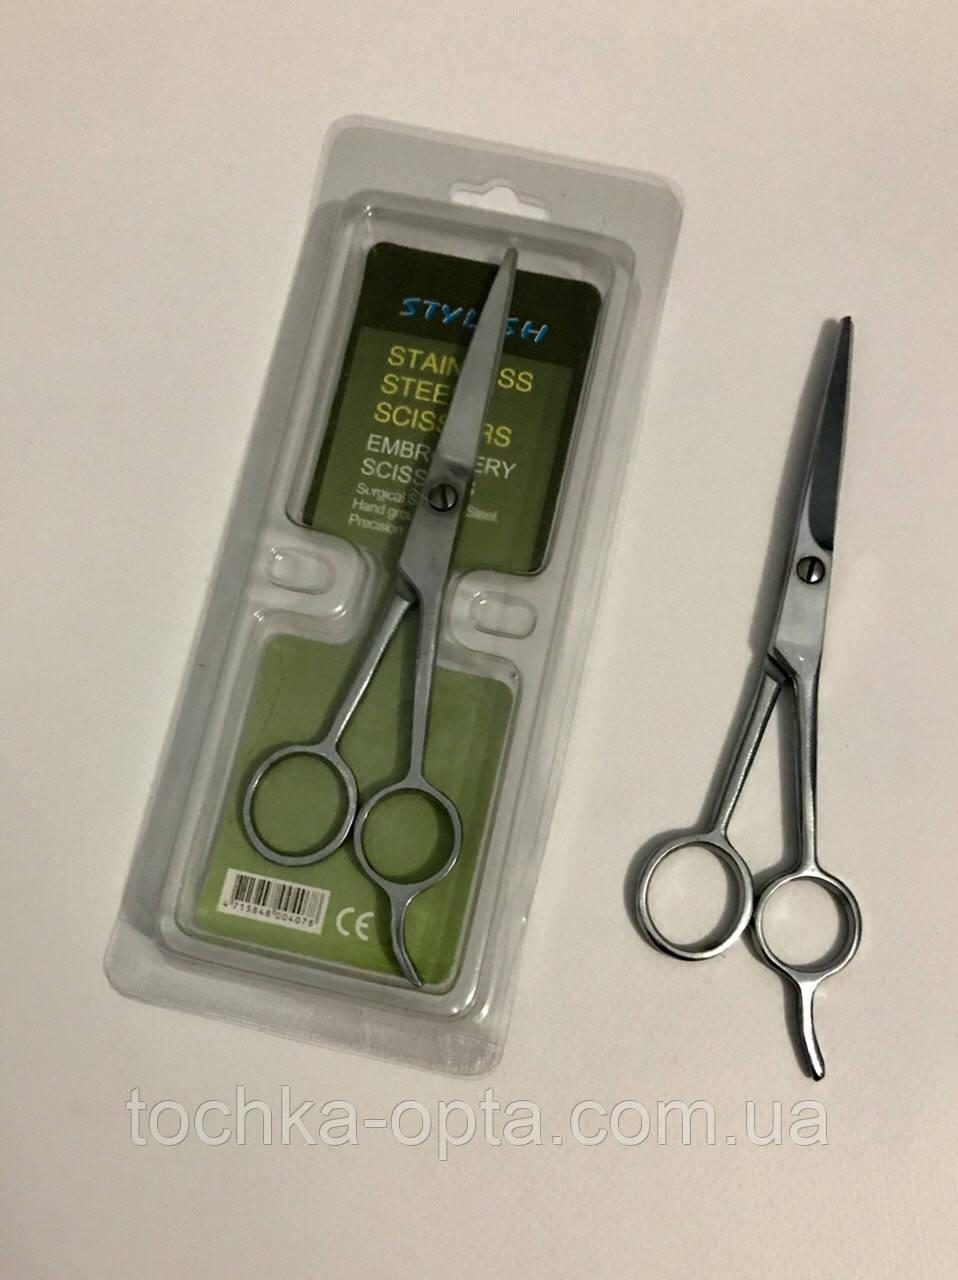 Парикмахерские ножницы для стрижки волос в коробке